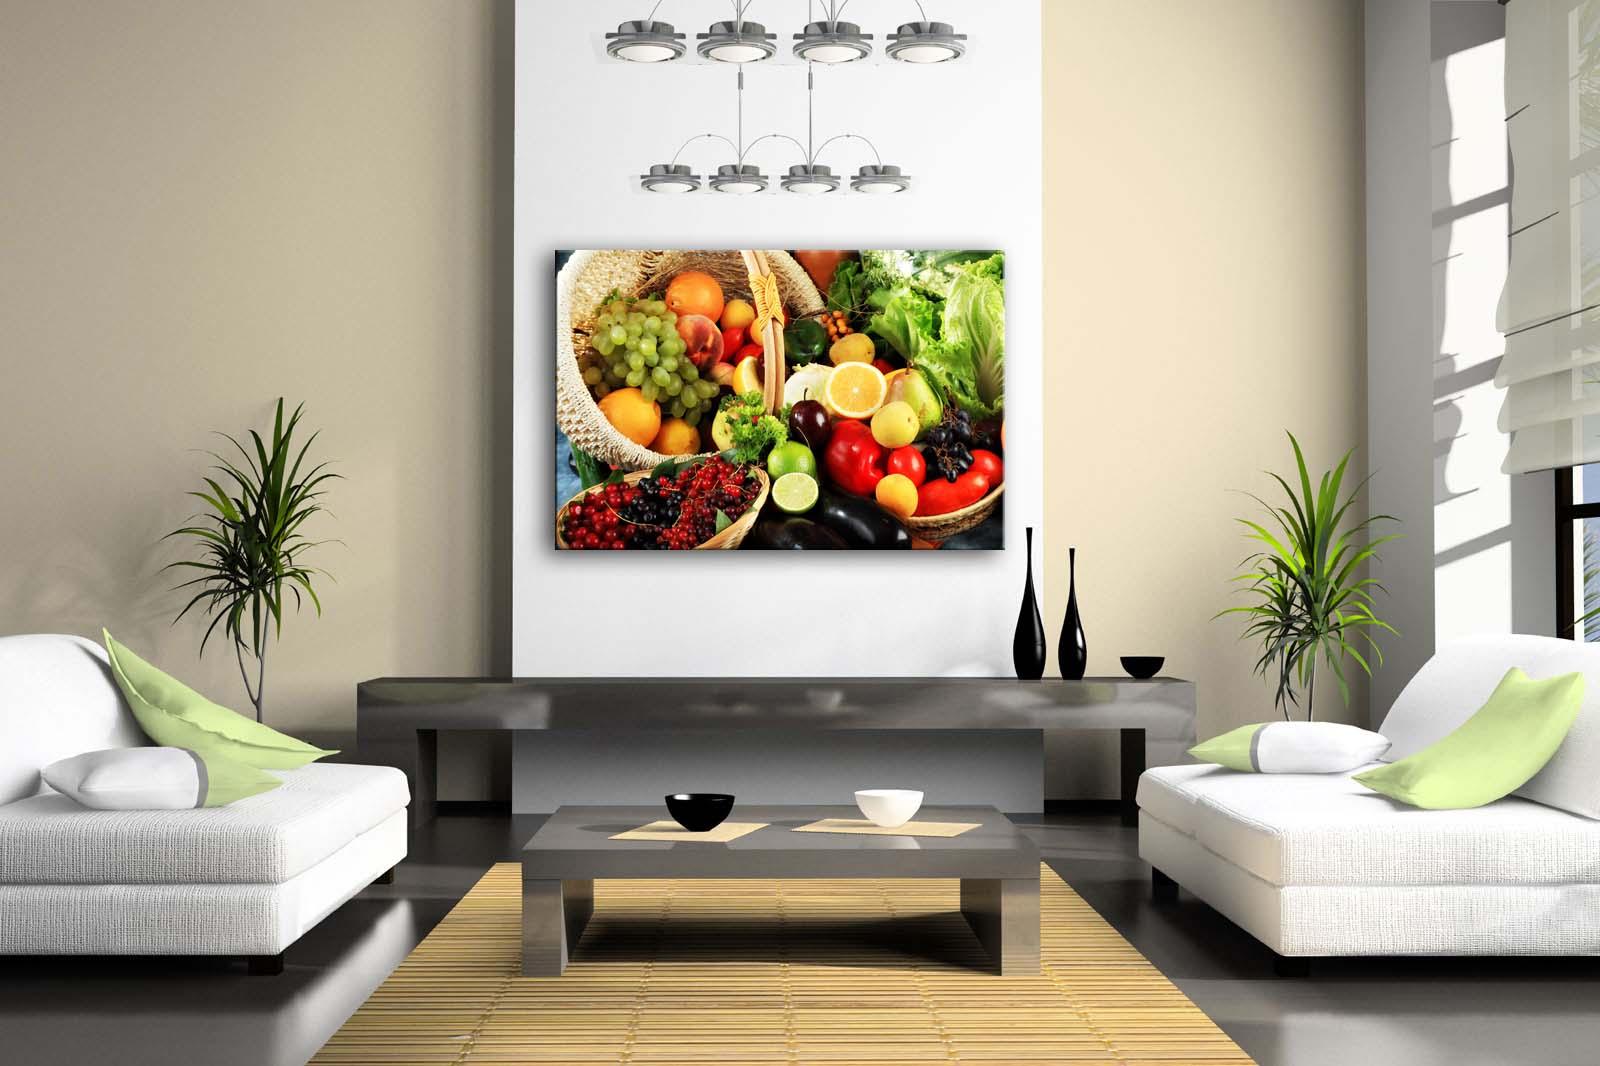 Gerahmte Wand Kunst Bild Obst Korb Leinwand Drucken Lebensmittel Moderne Poster Mit Holz Rahmen Für Wohnzimmer Home Office Decor - 2